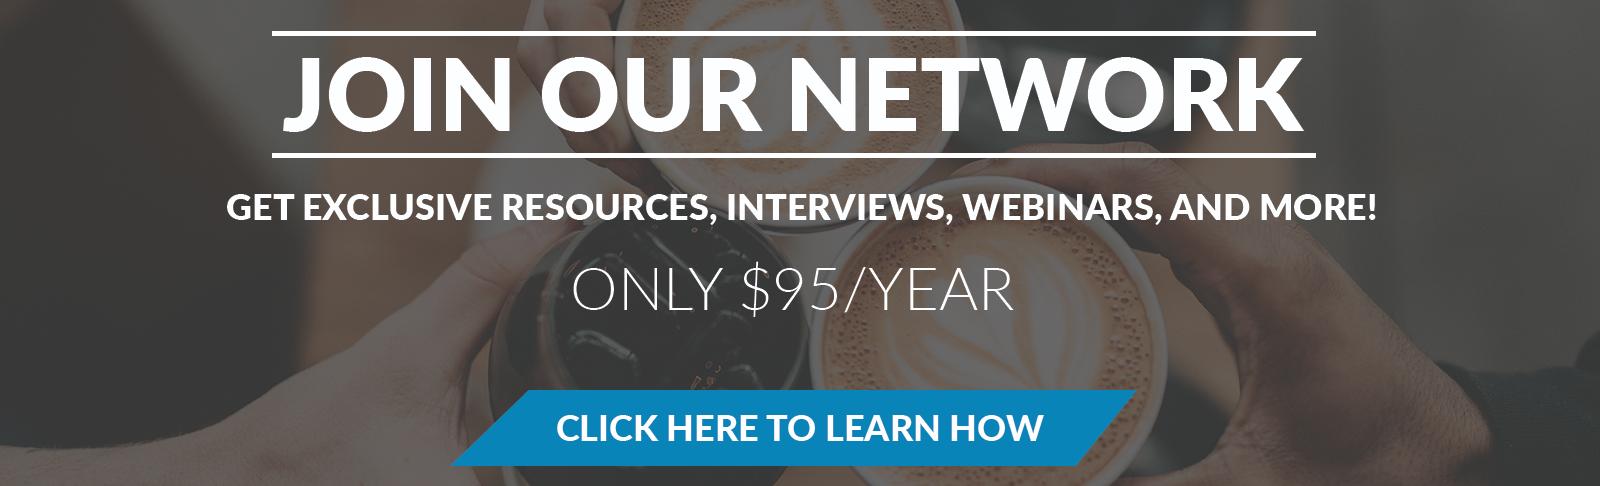 95Network-Membership-Website-979218-edited